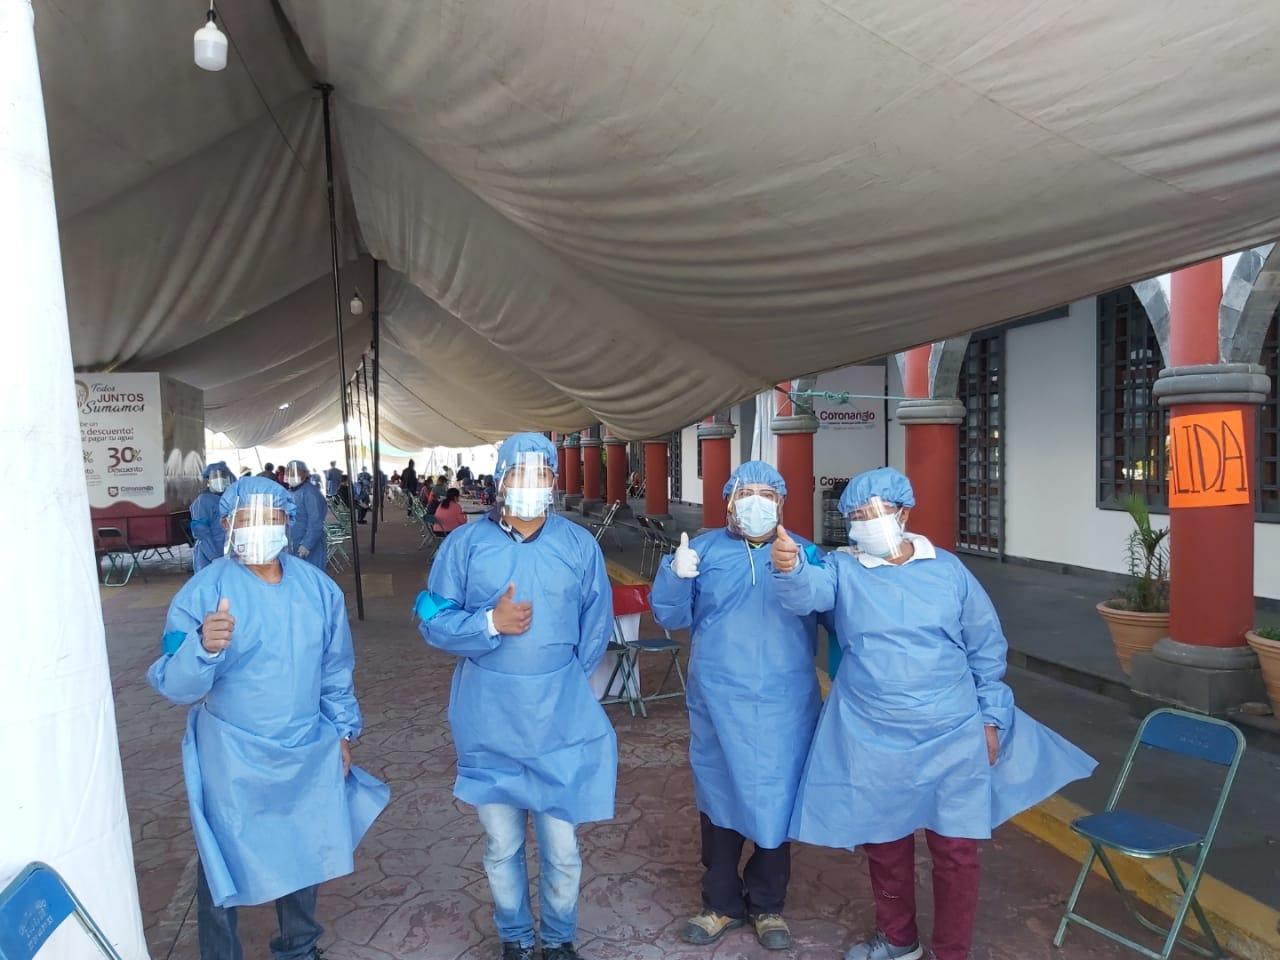 Domingo inicia vacunación de 2a dosis; consulta lugar y hora para la zona conurbada